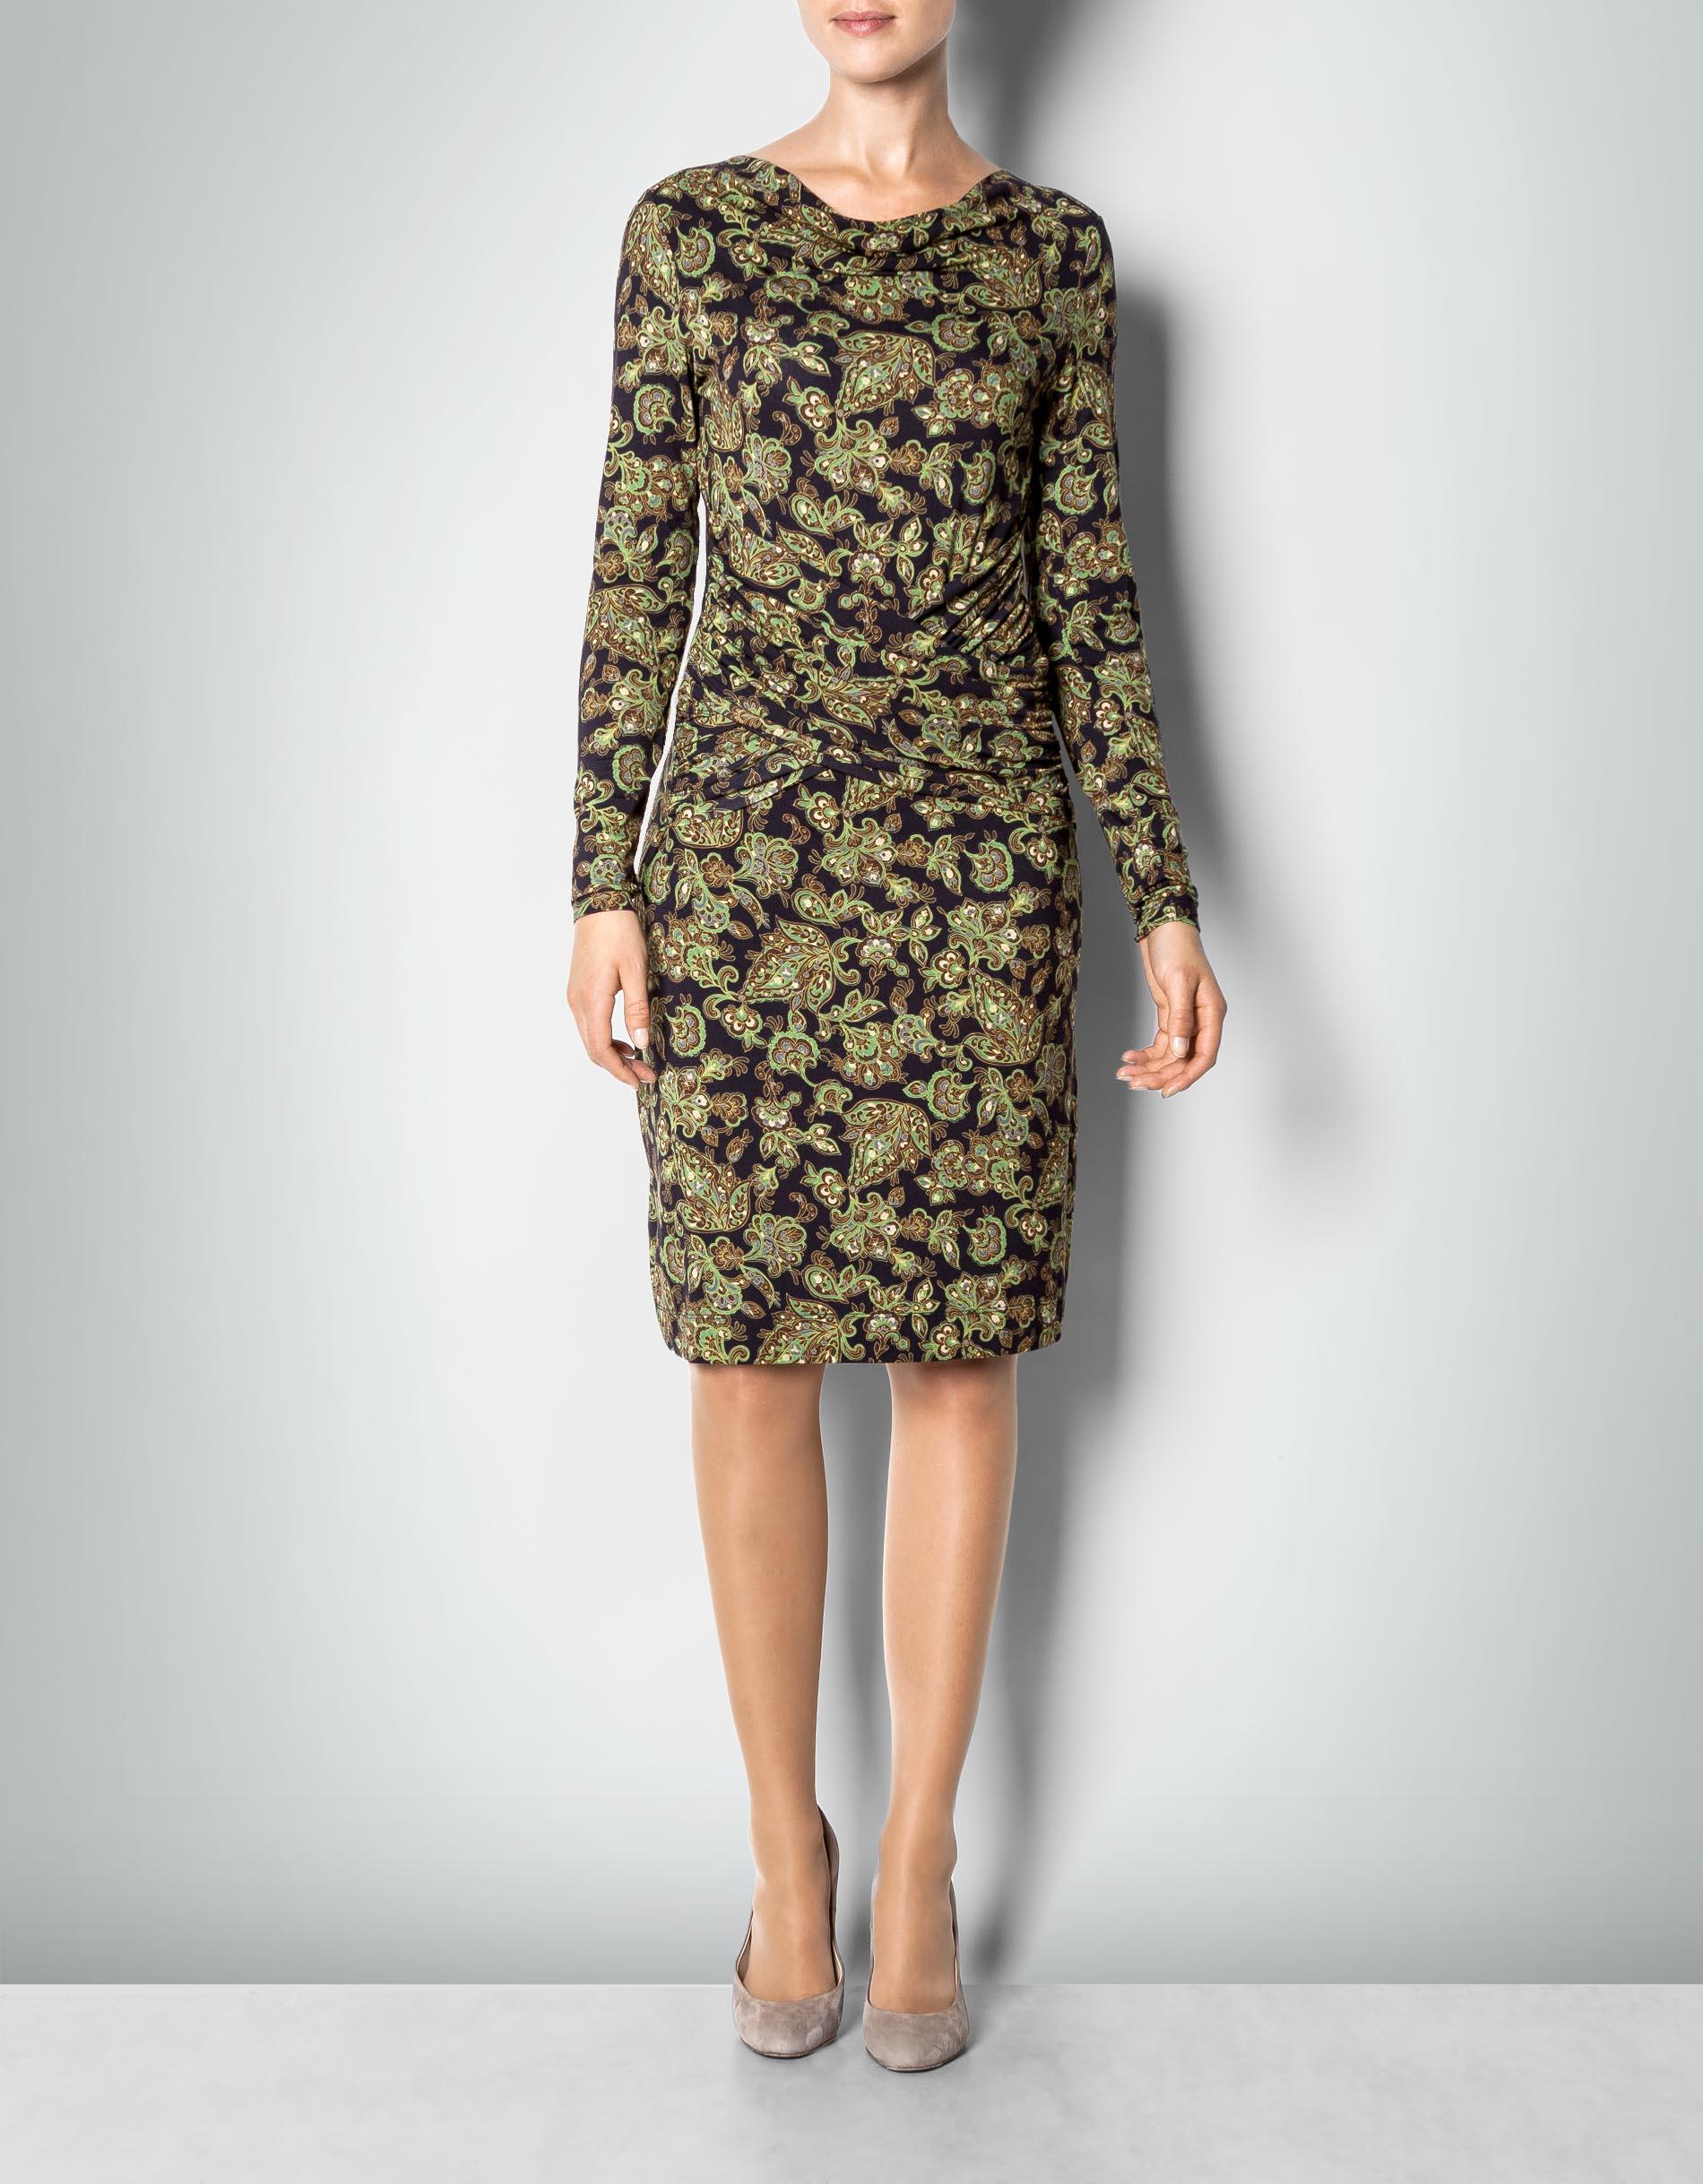 daniel hechter damen kleid mit floralem paisley muster. Black Bedroom Furniture Sets. Home Design Ideas